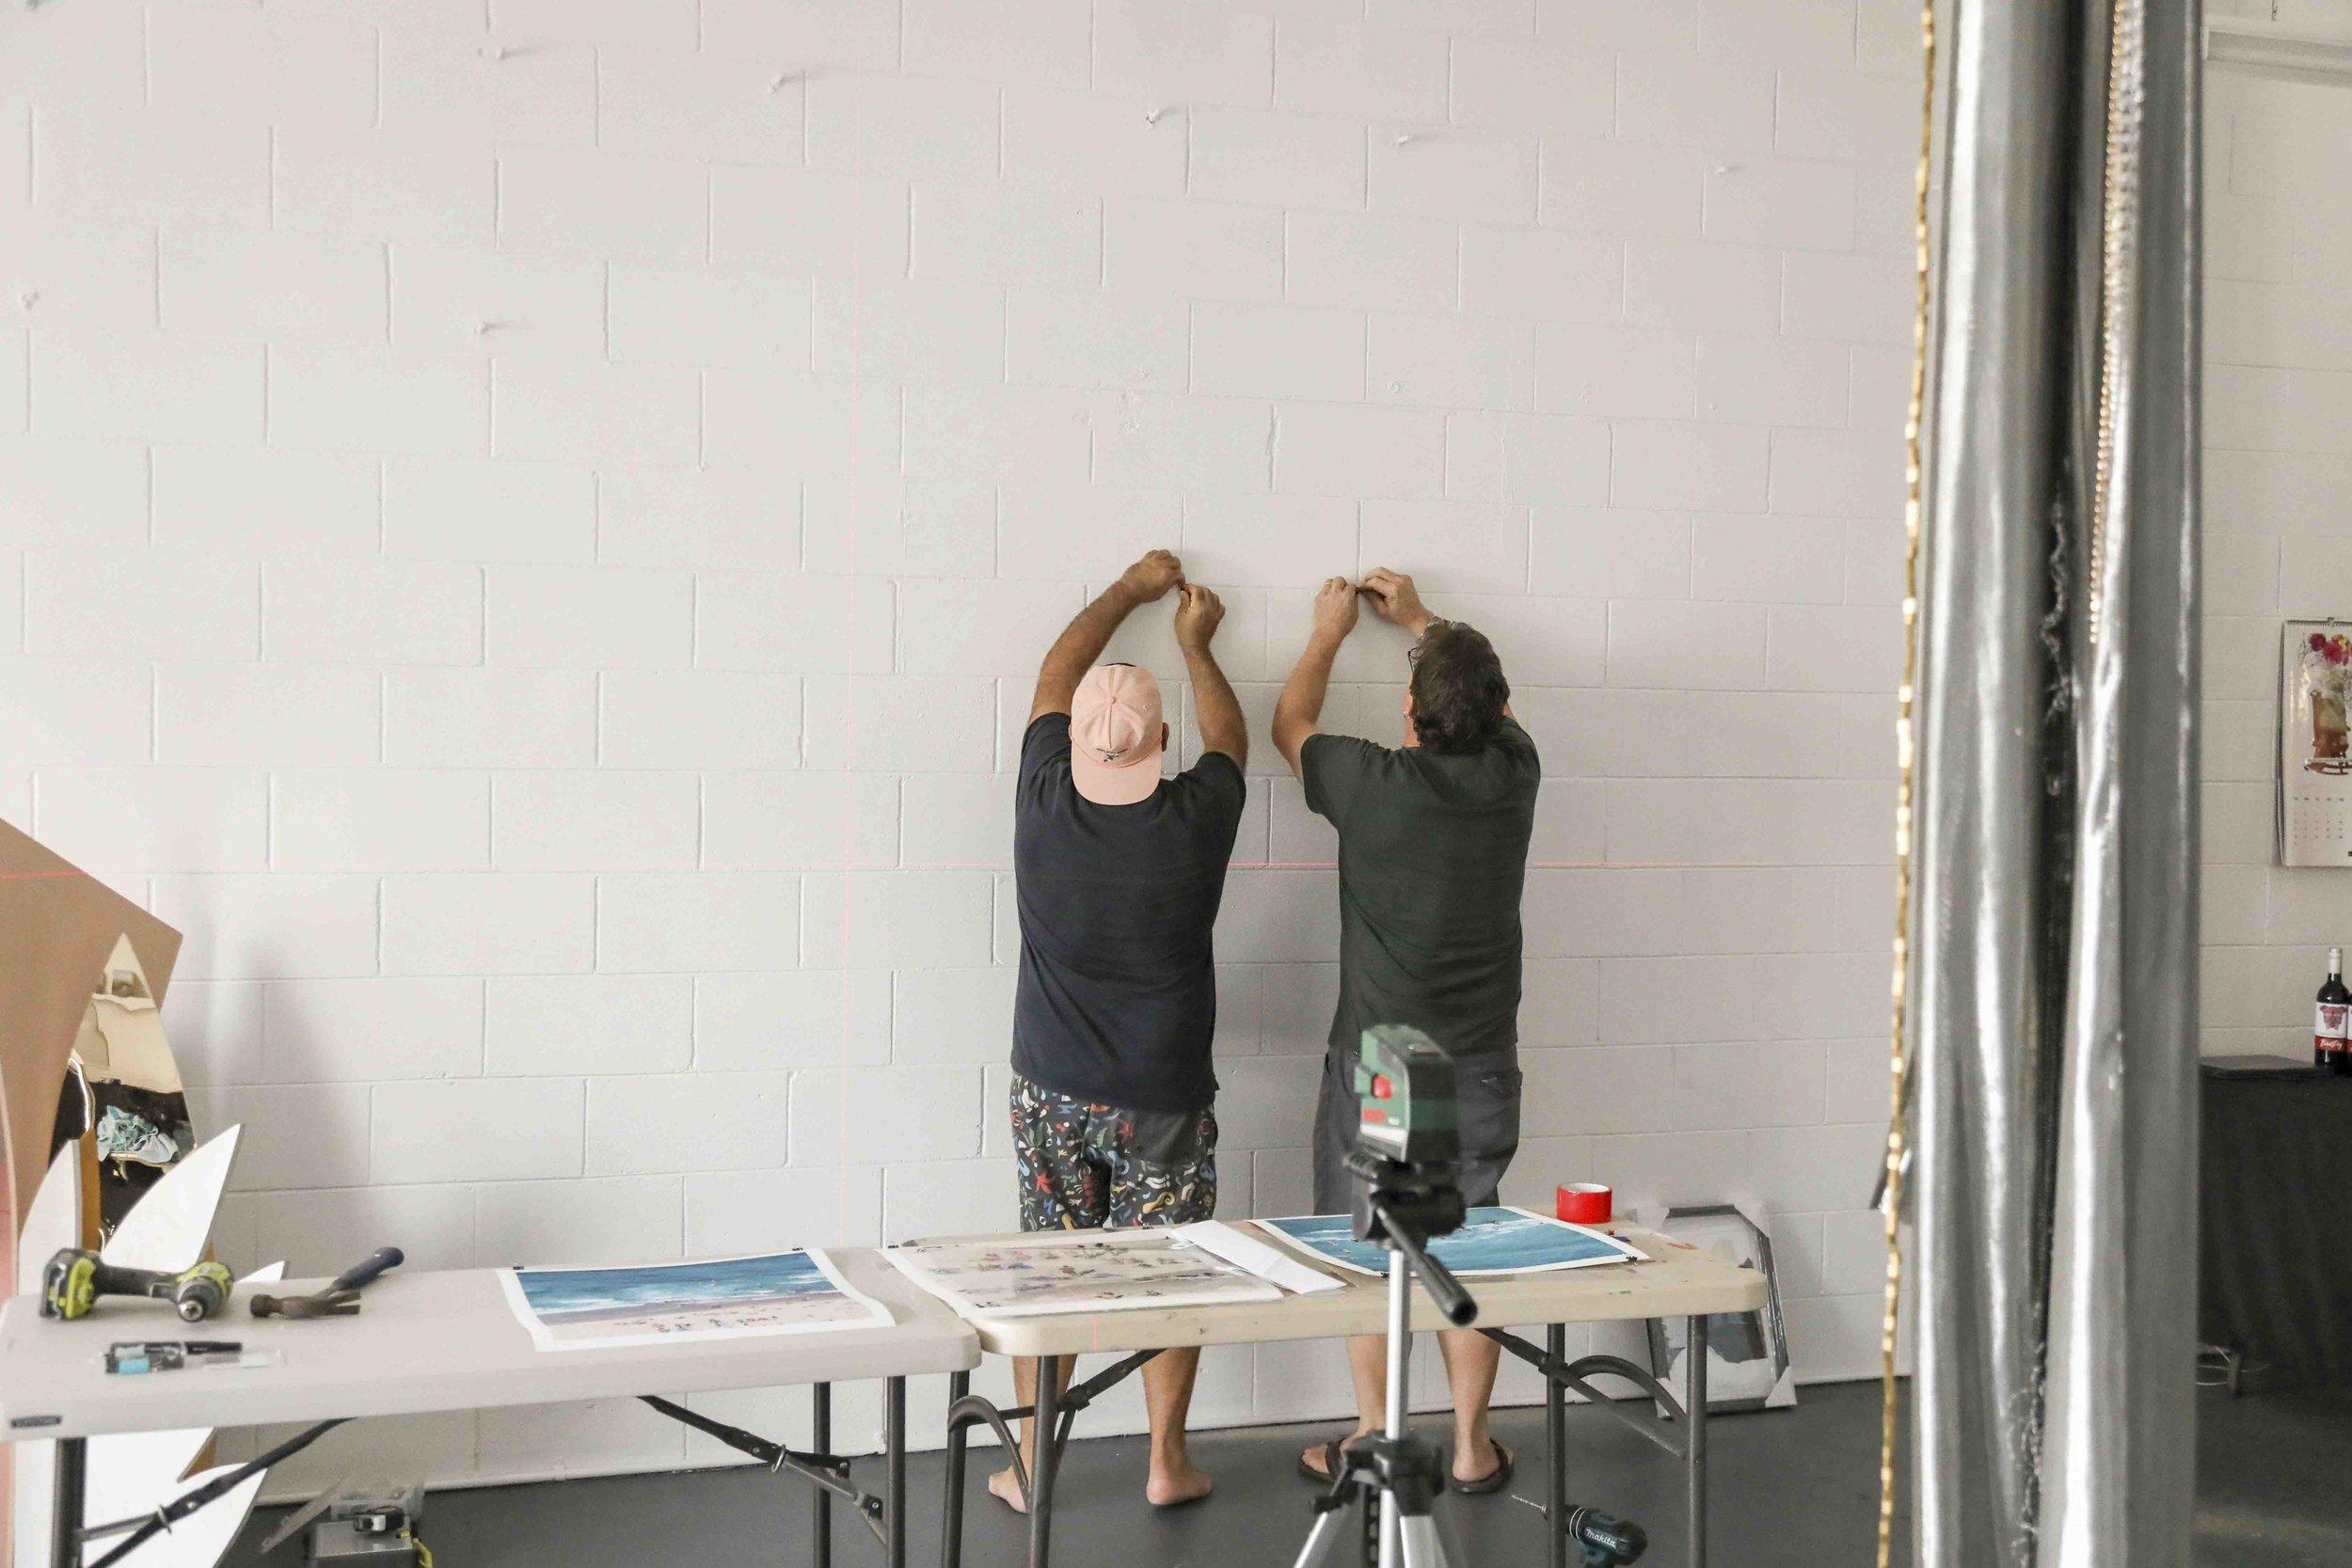 Outside-Exhibition_Art-Work_Agency-LR-7537LR.JPG